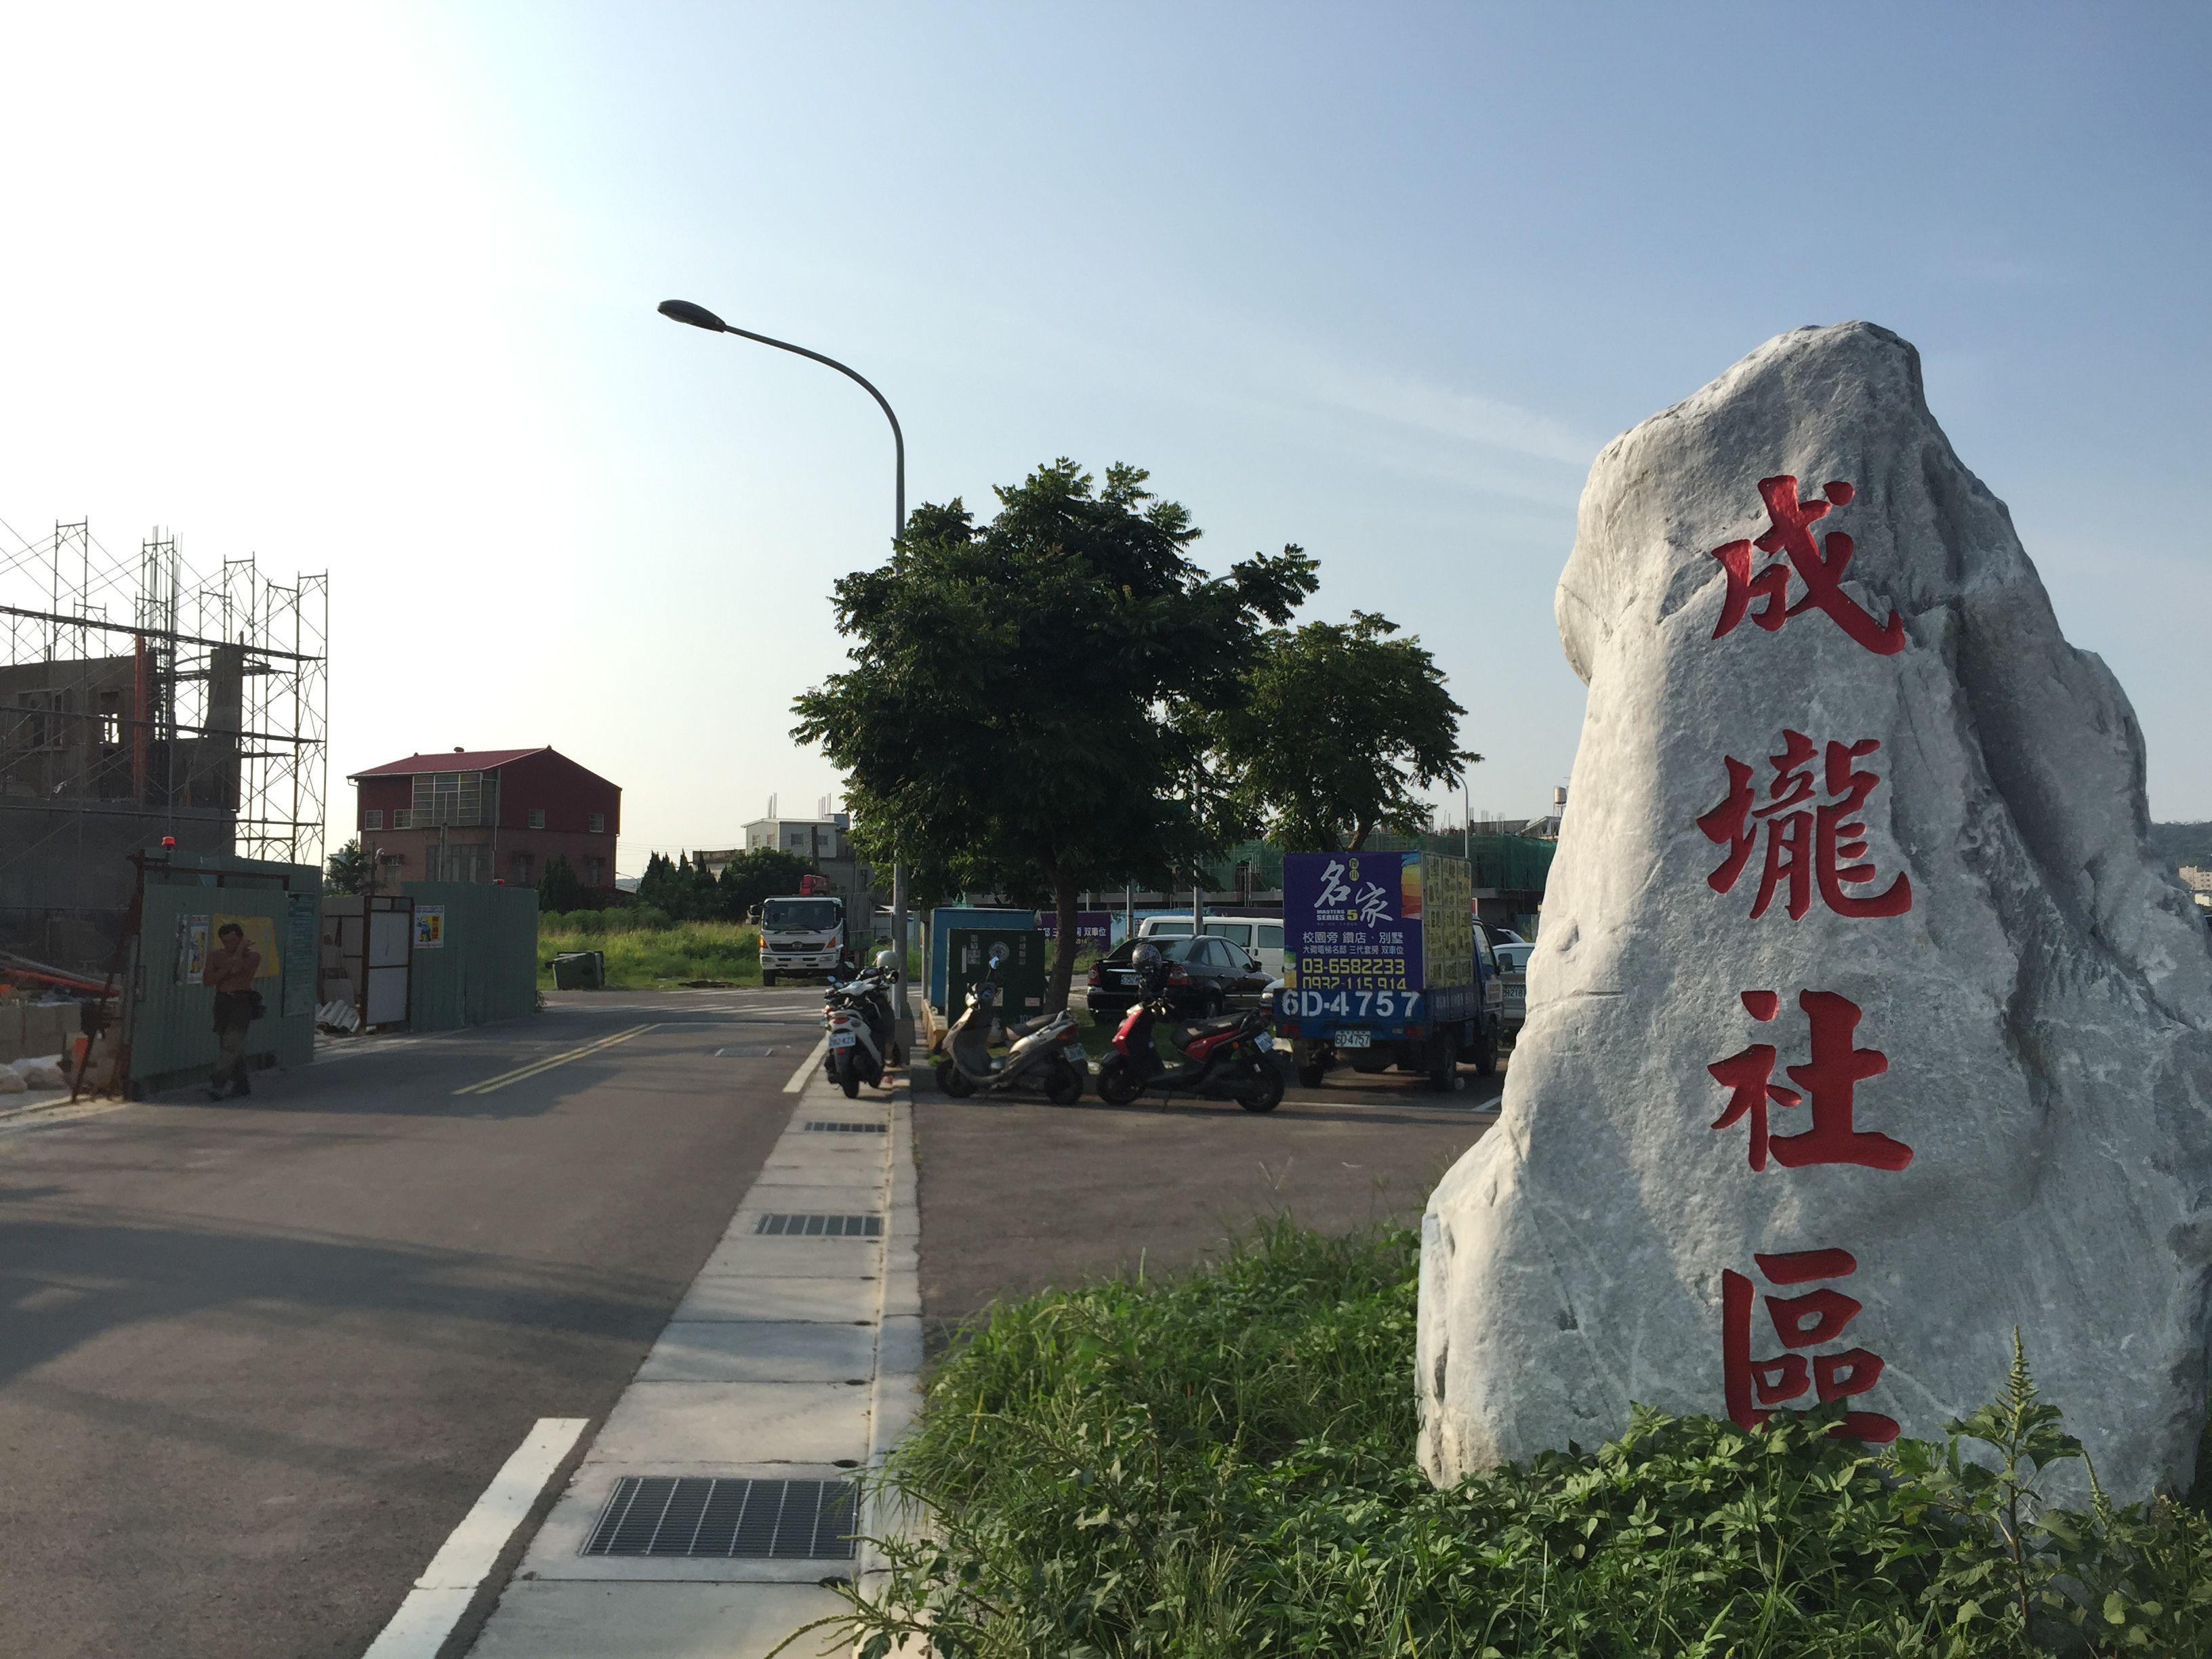 [田野踏查] 竹北成壠重劃區2015-07-15 001.jpg